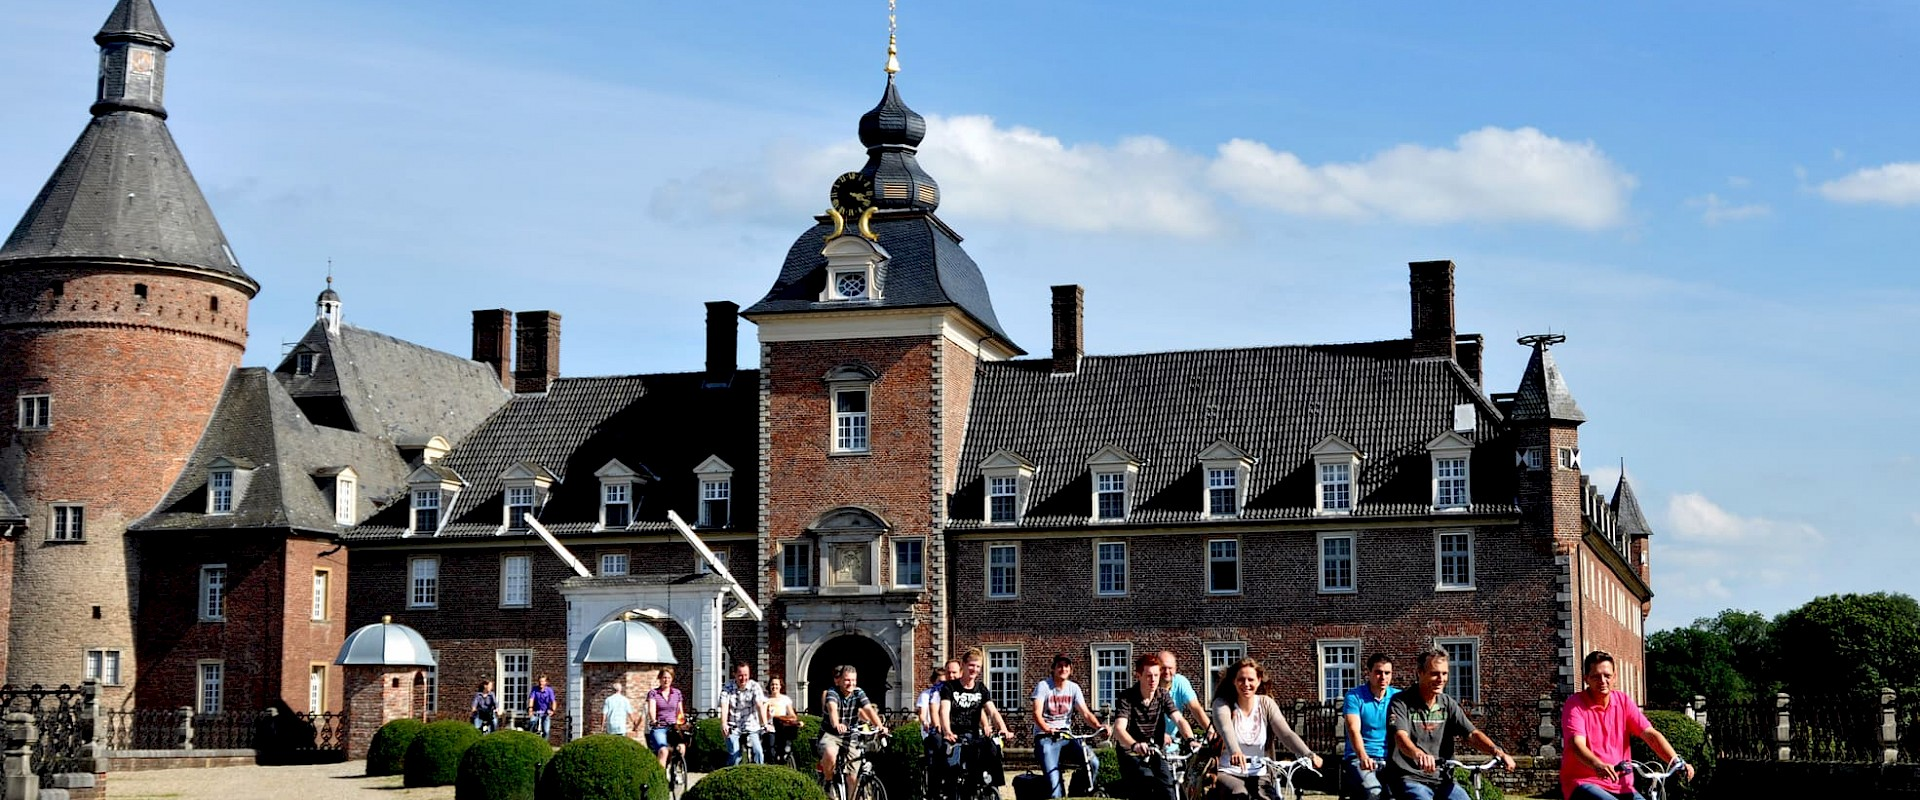 Radfahrer in Isselburg